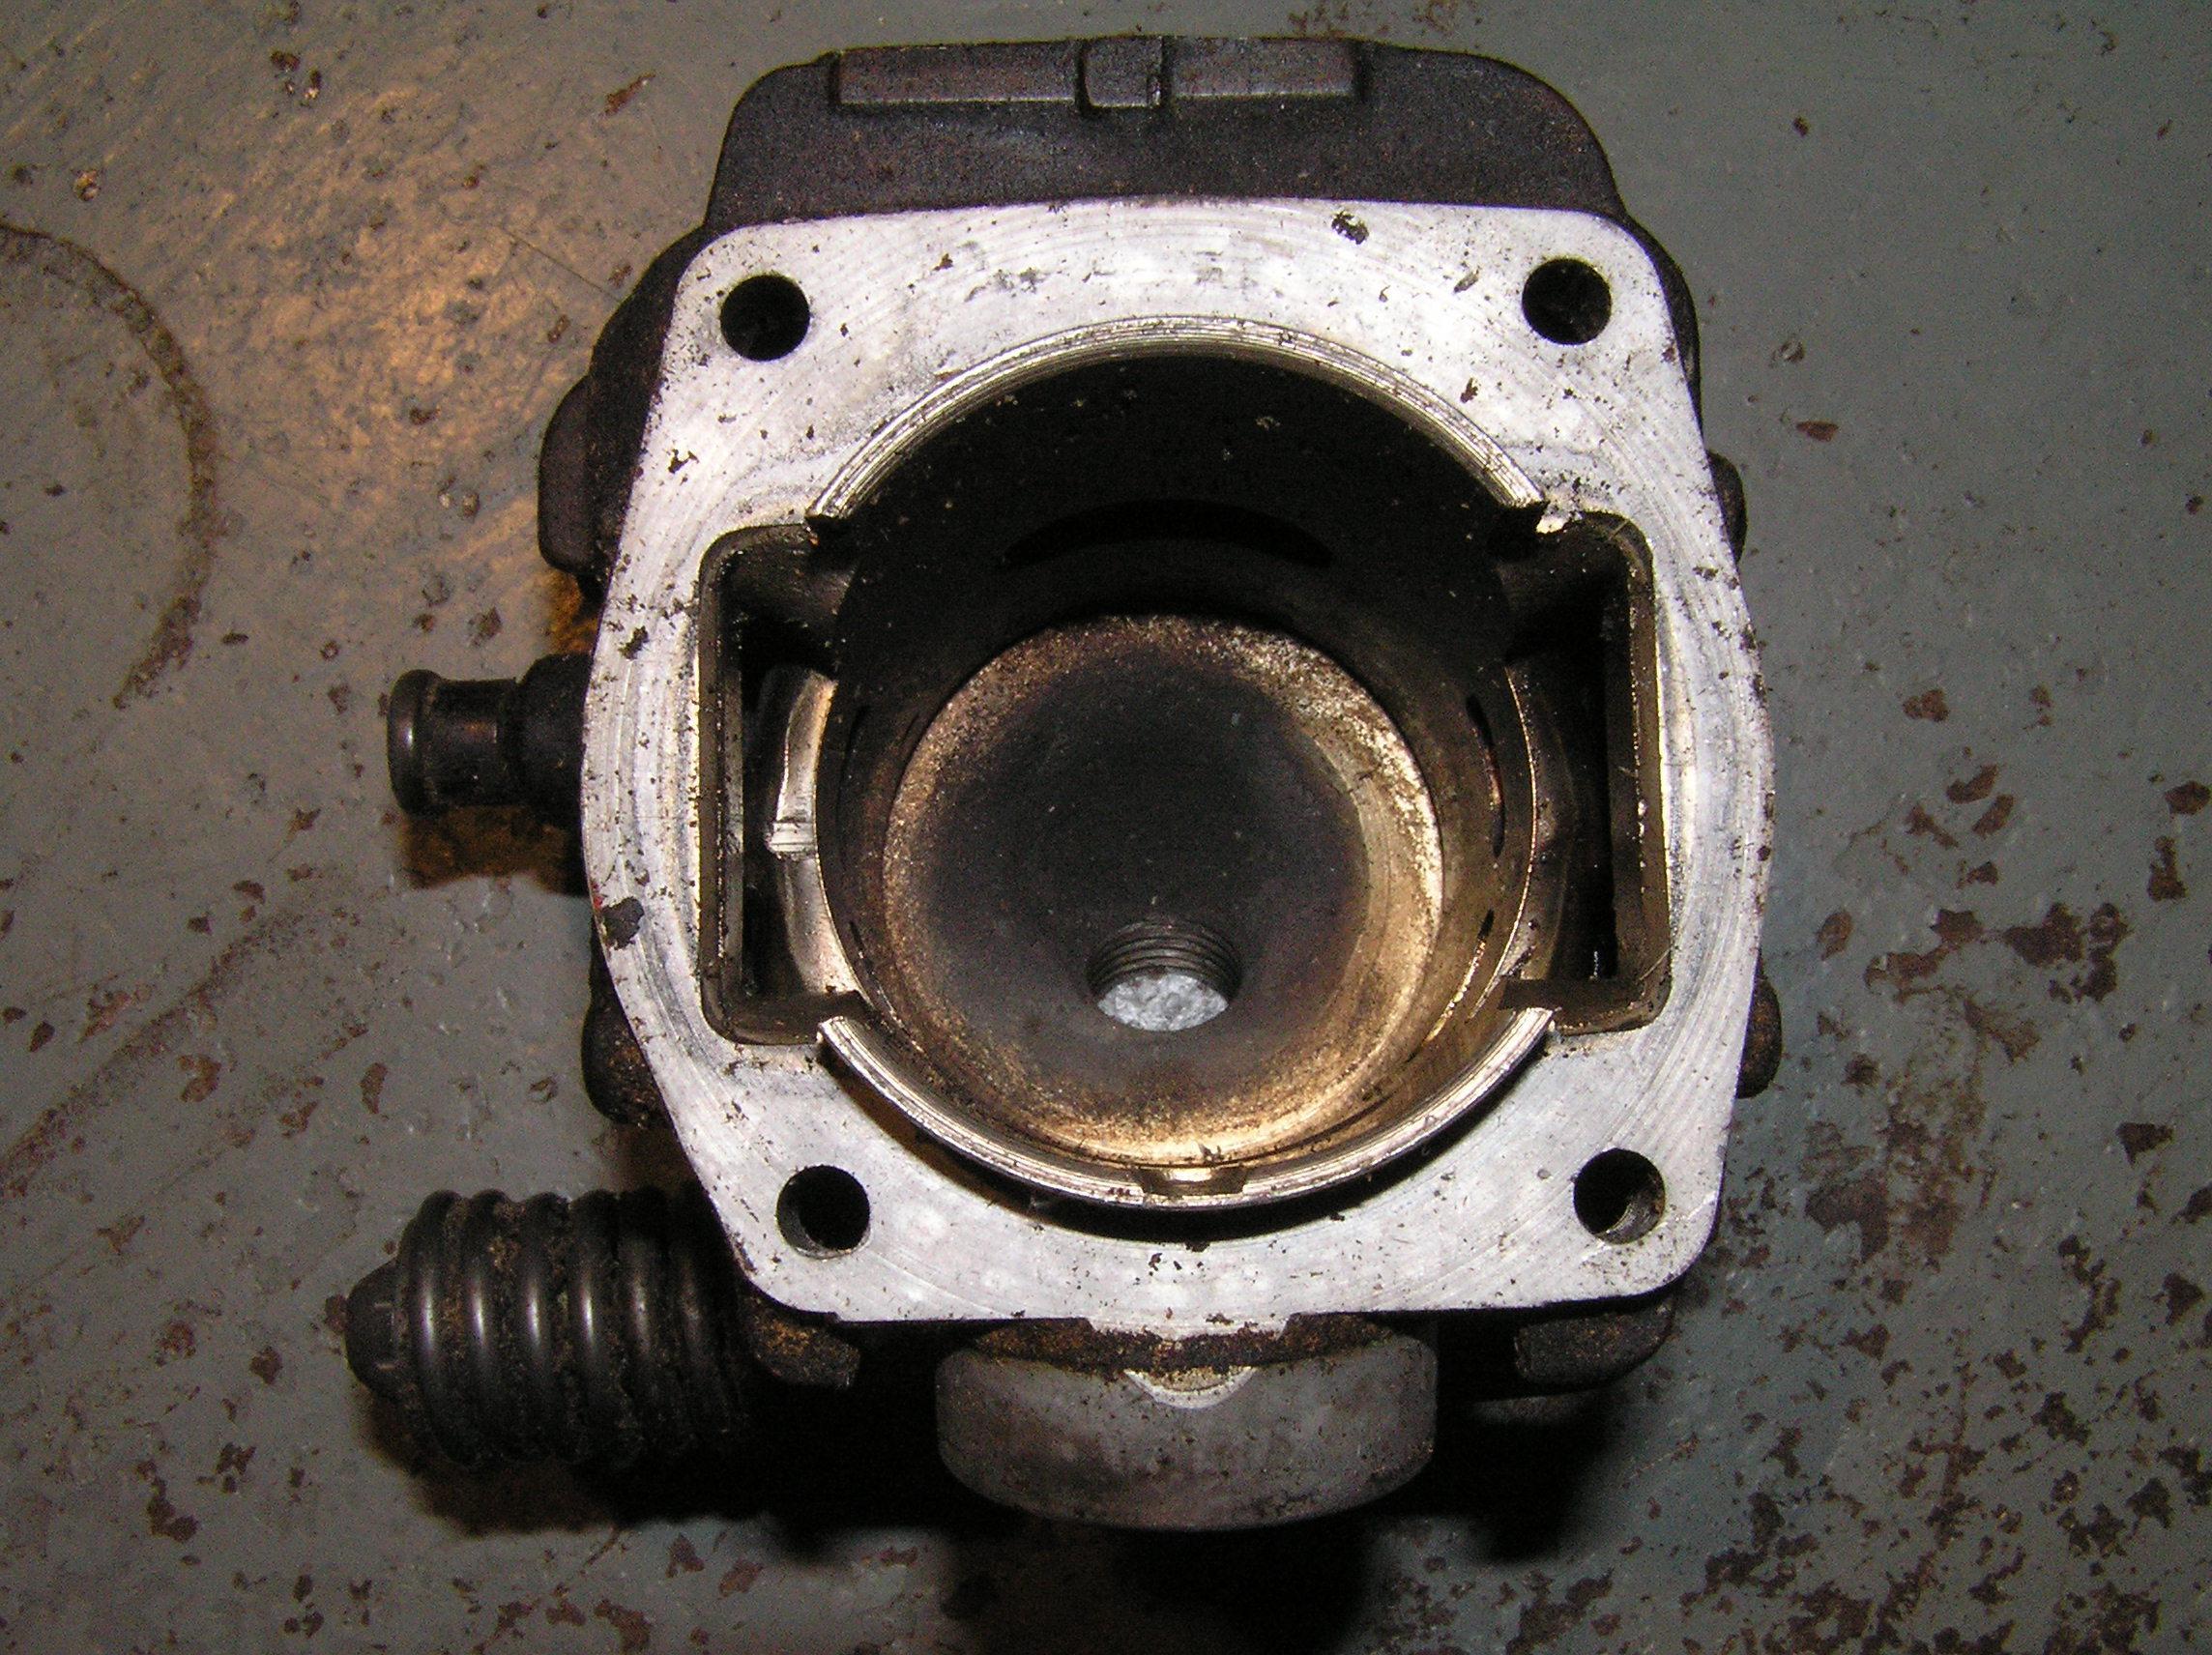 czyszczenie elementow pilarek spalinowych 8 - Photo Gallery